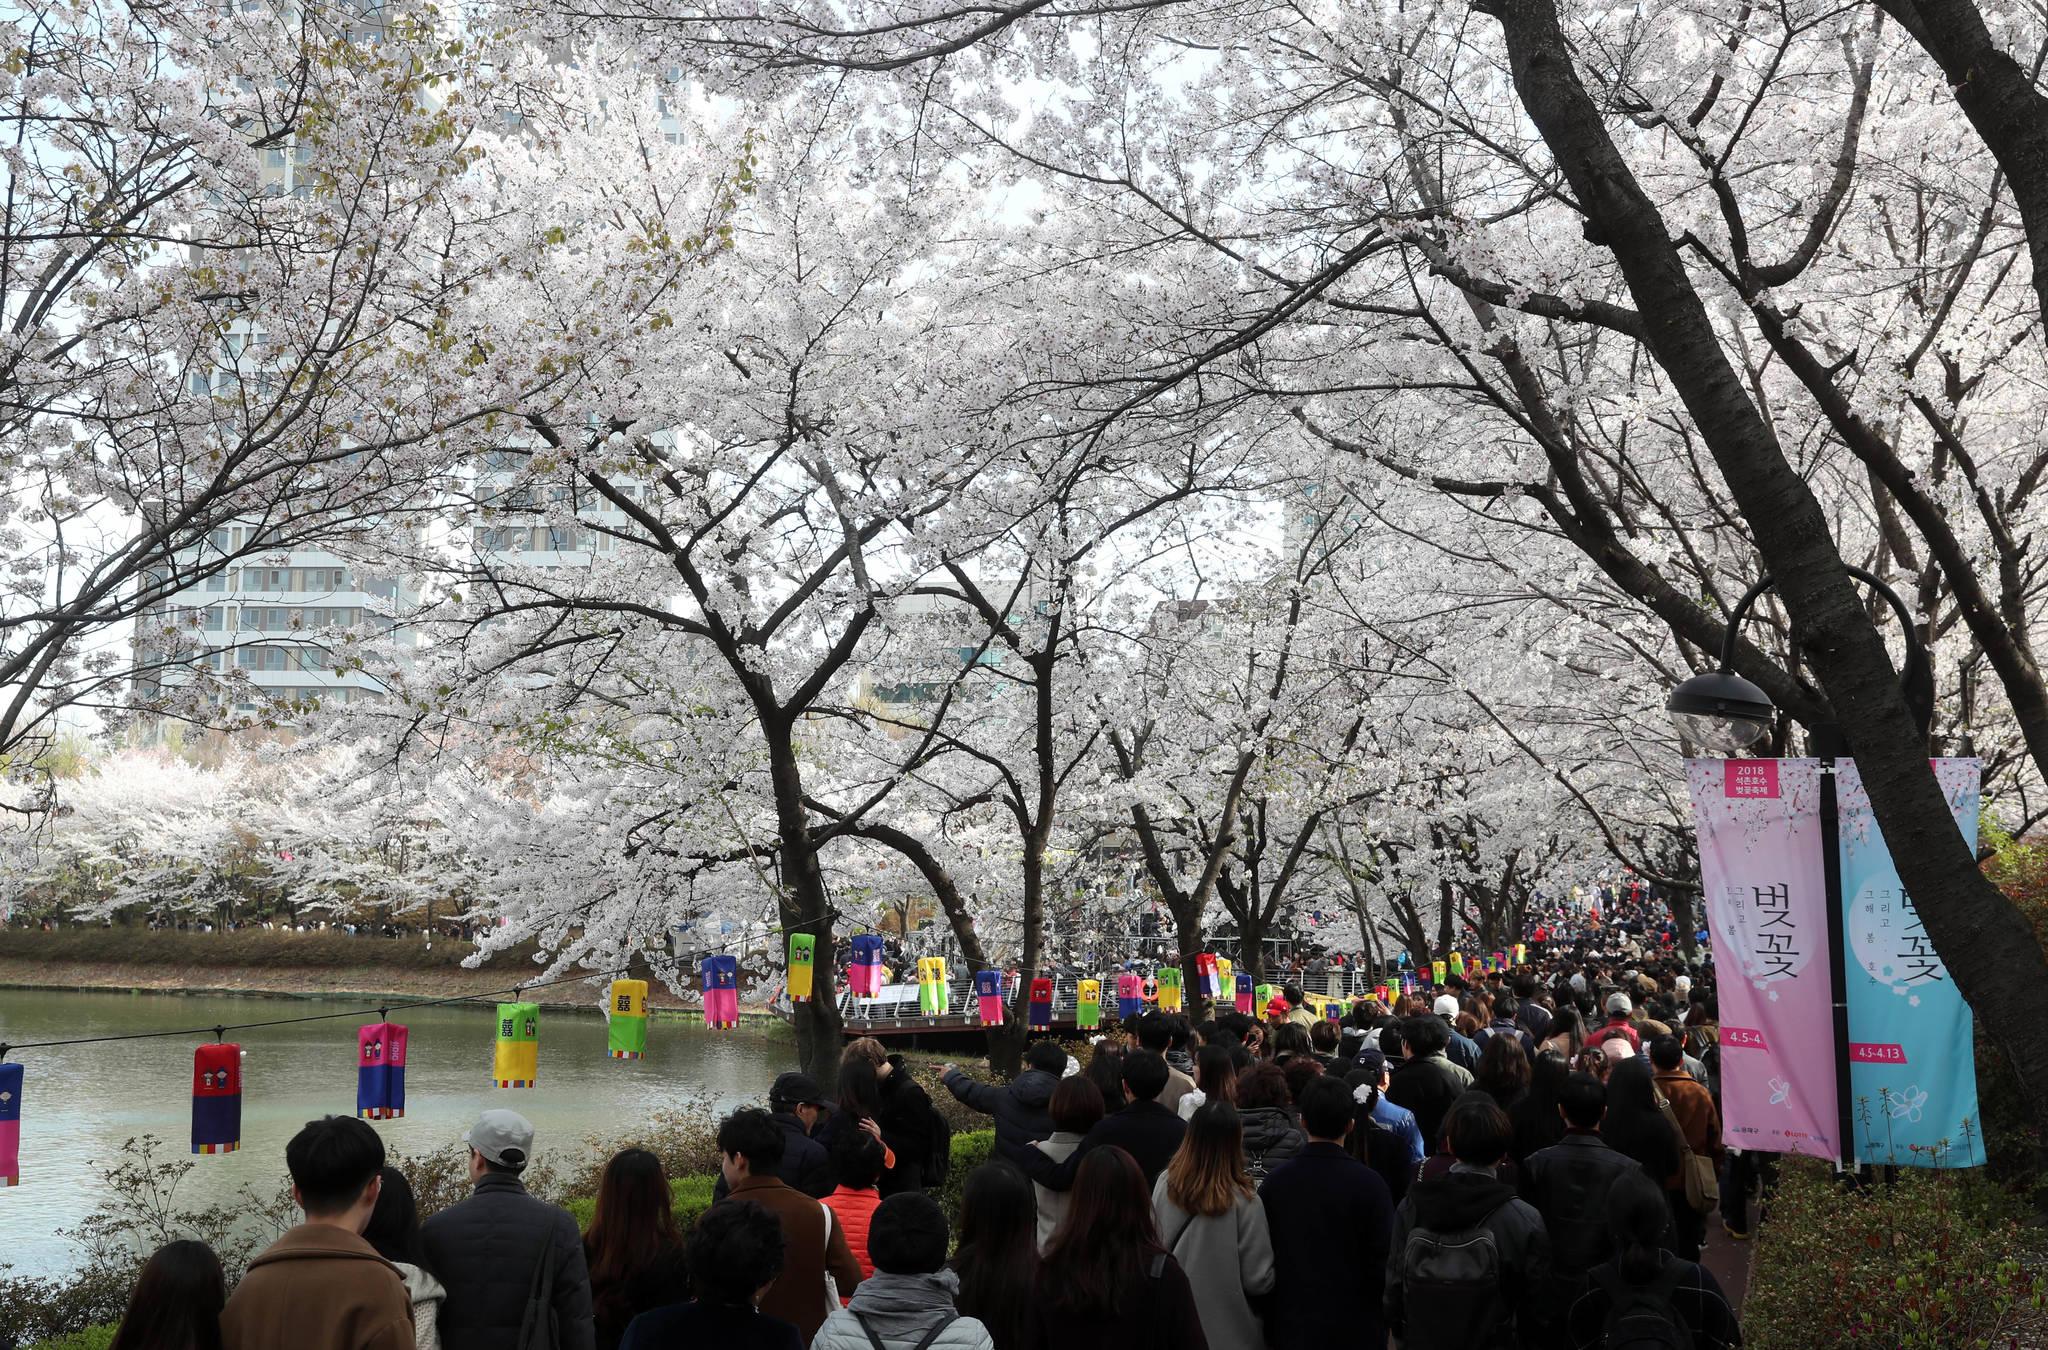 축제가 한창인 석촌호수 벚꽃의 7일 상황. 주말에는 벚꽃만큼 많은 인파가 몰린다. 축제는 오는 13일까지 열린다. 강정현 기자